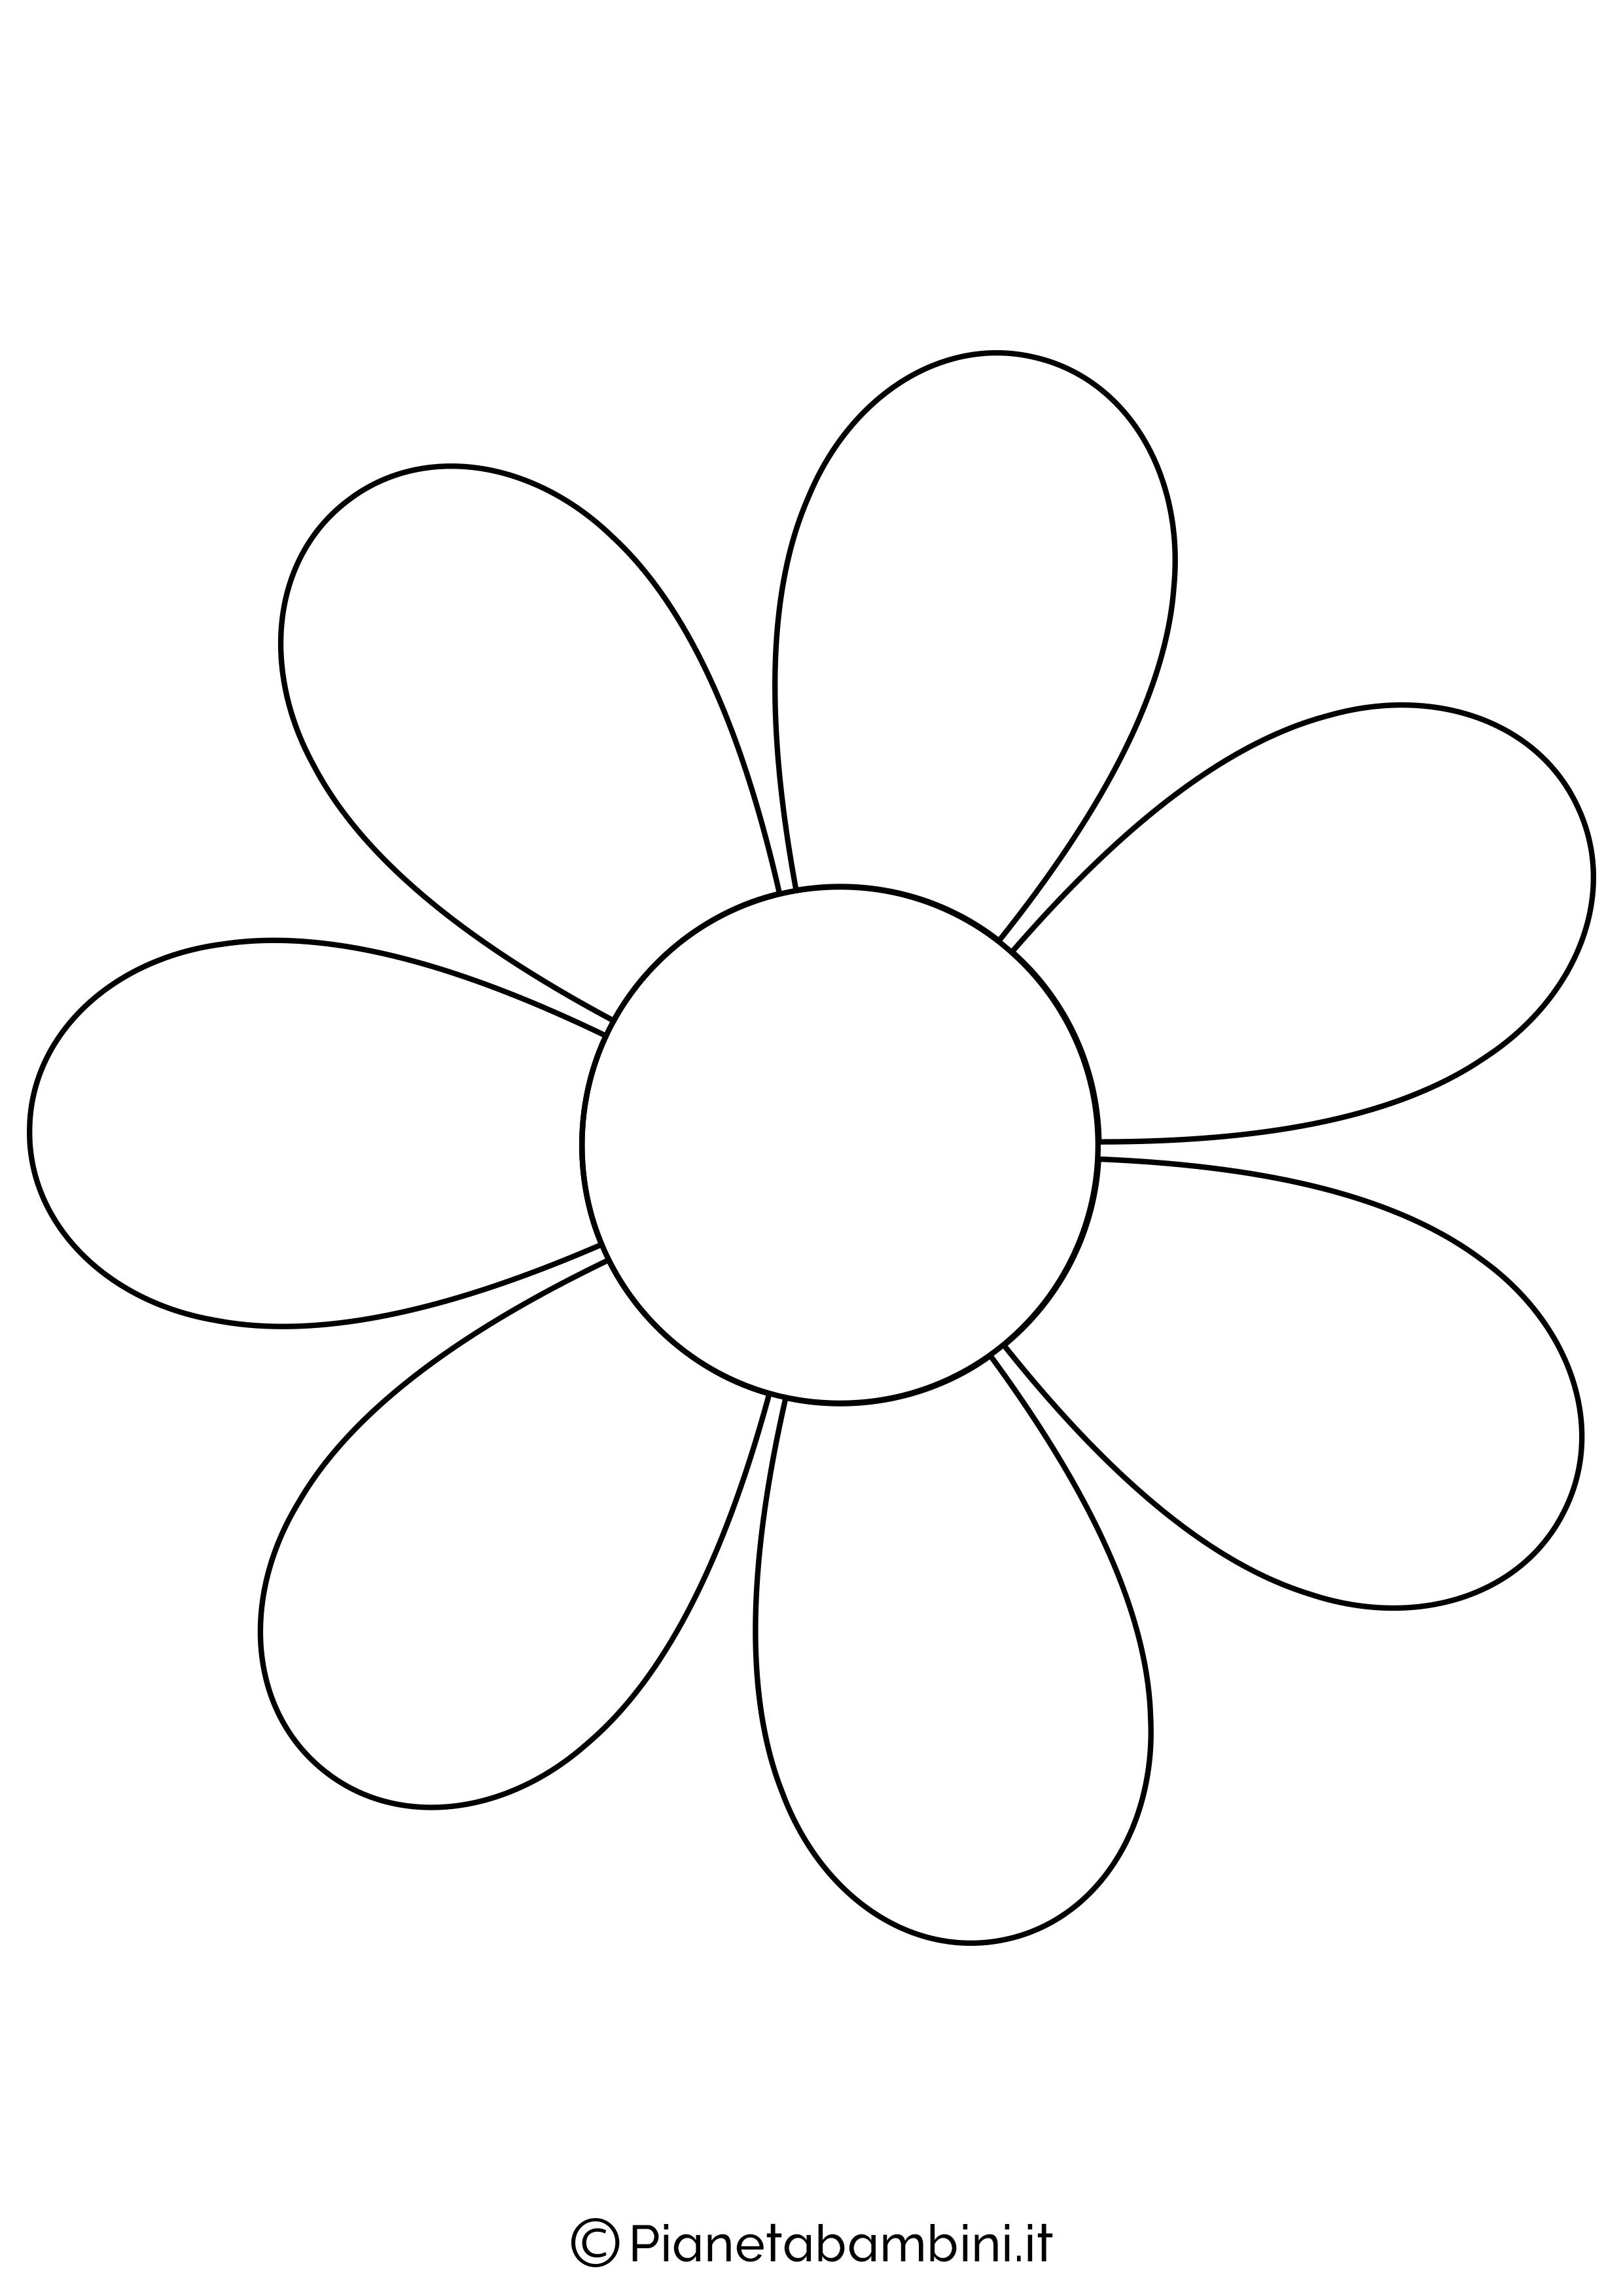 81 Sagome Di Fiori Da Colorare E Ritagliare Per Bambini Maddalena